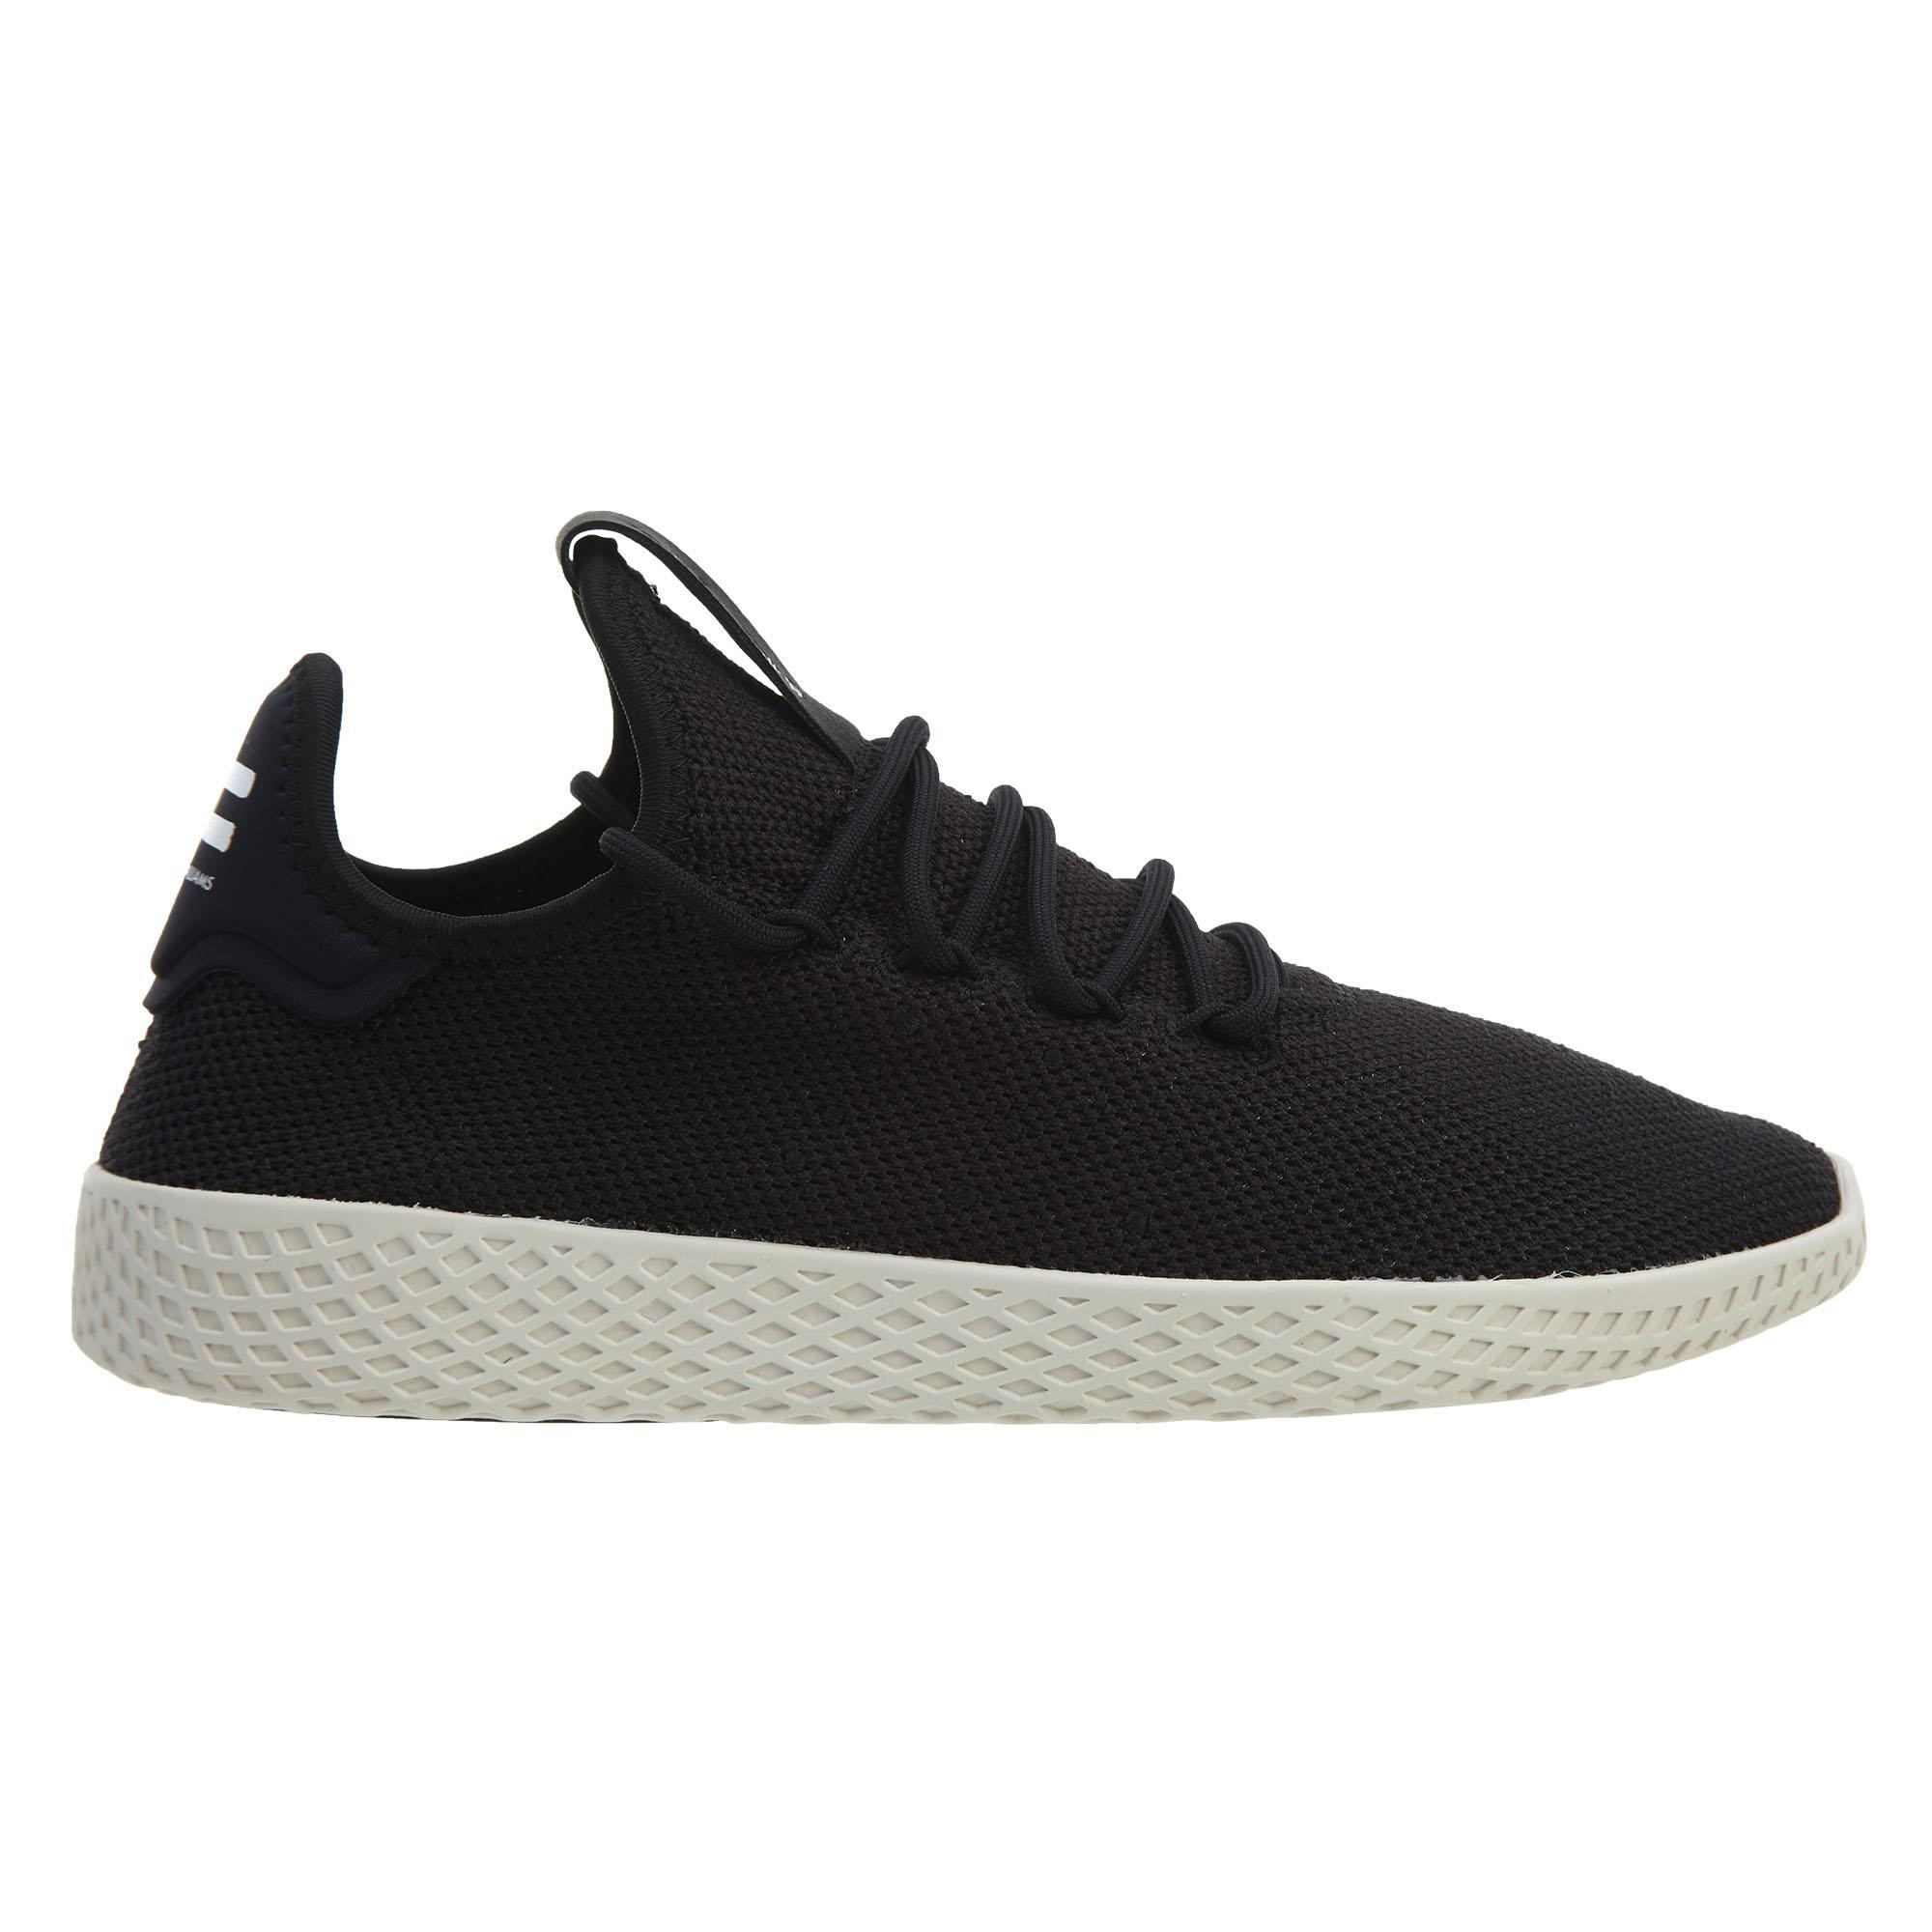 adidas Pw Tennis Hu Black Black-white